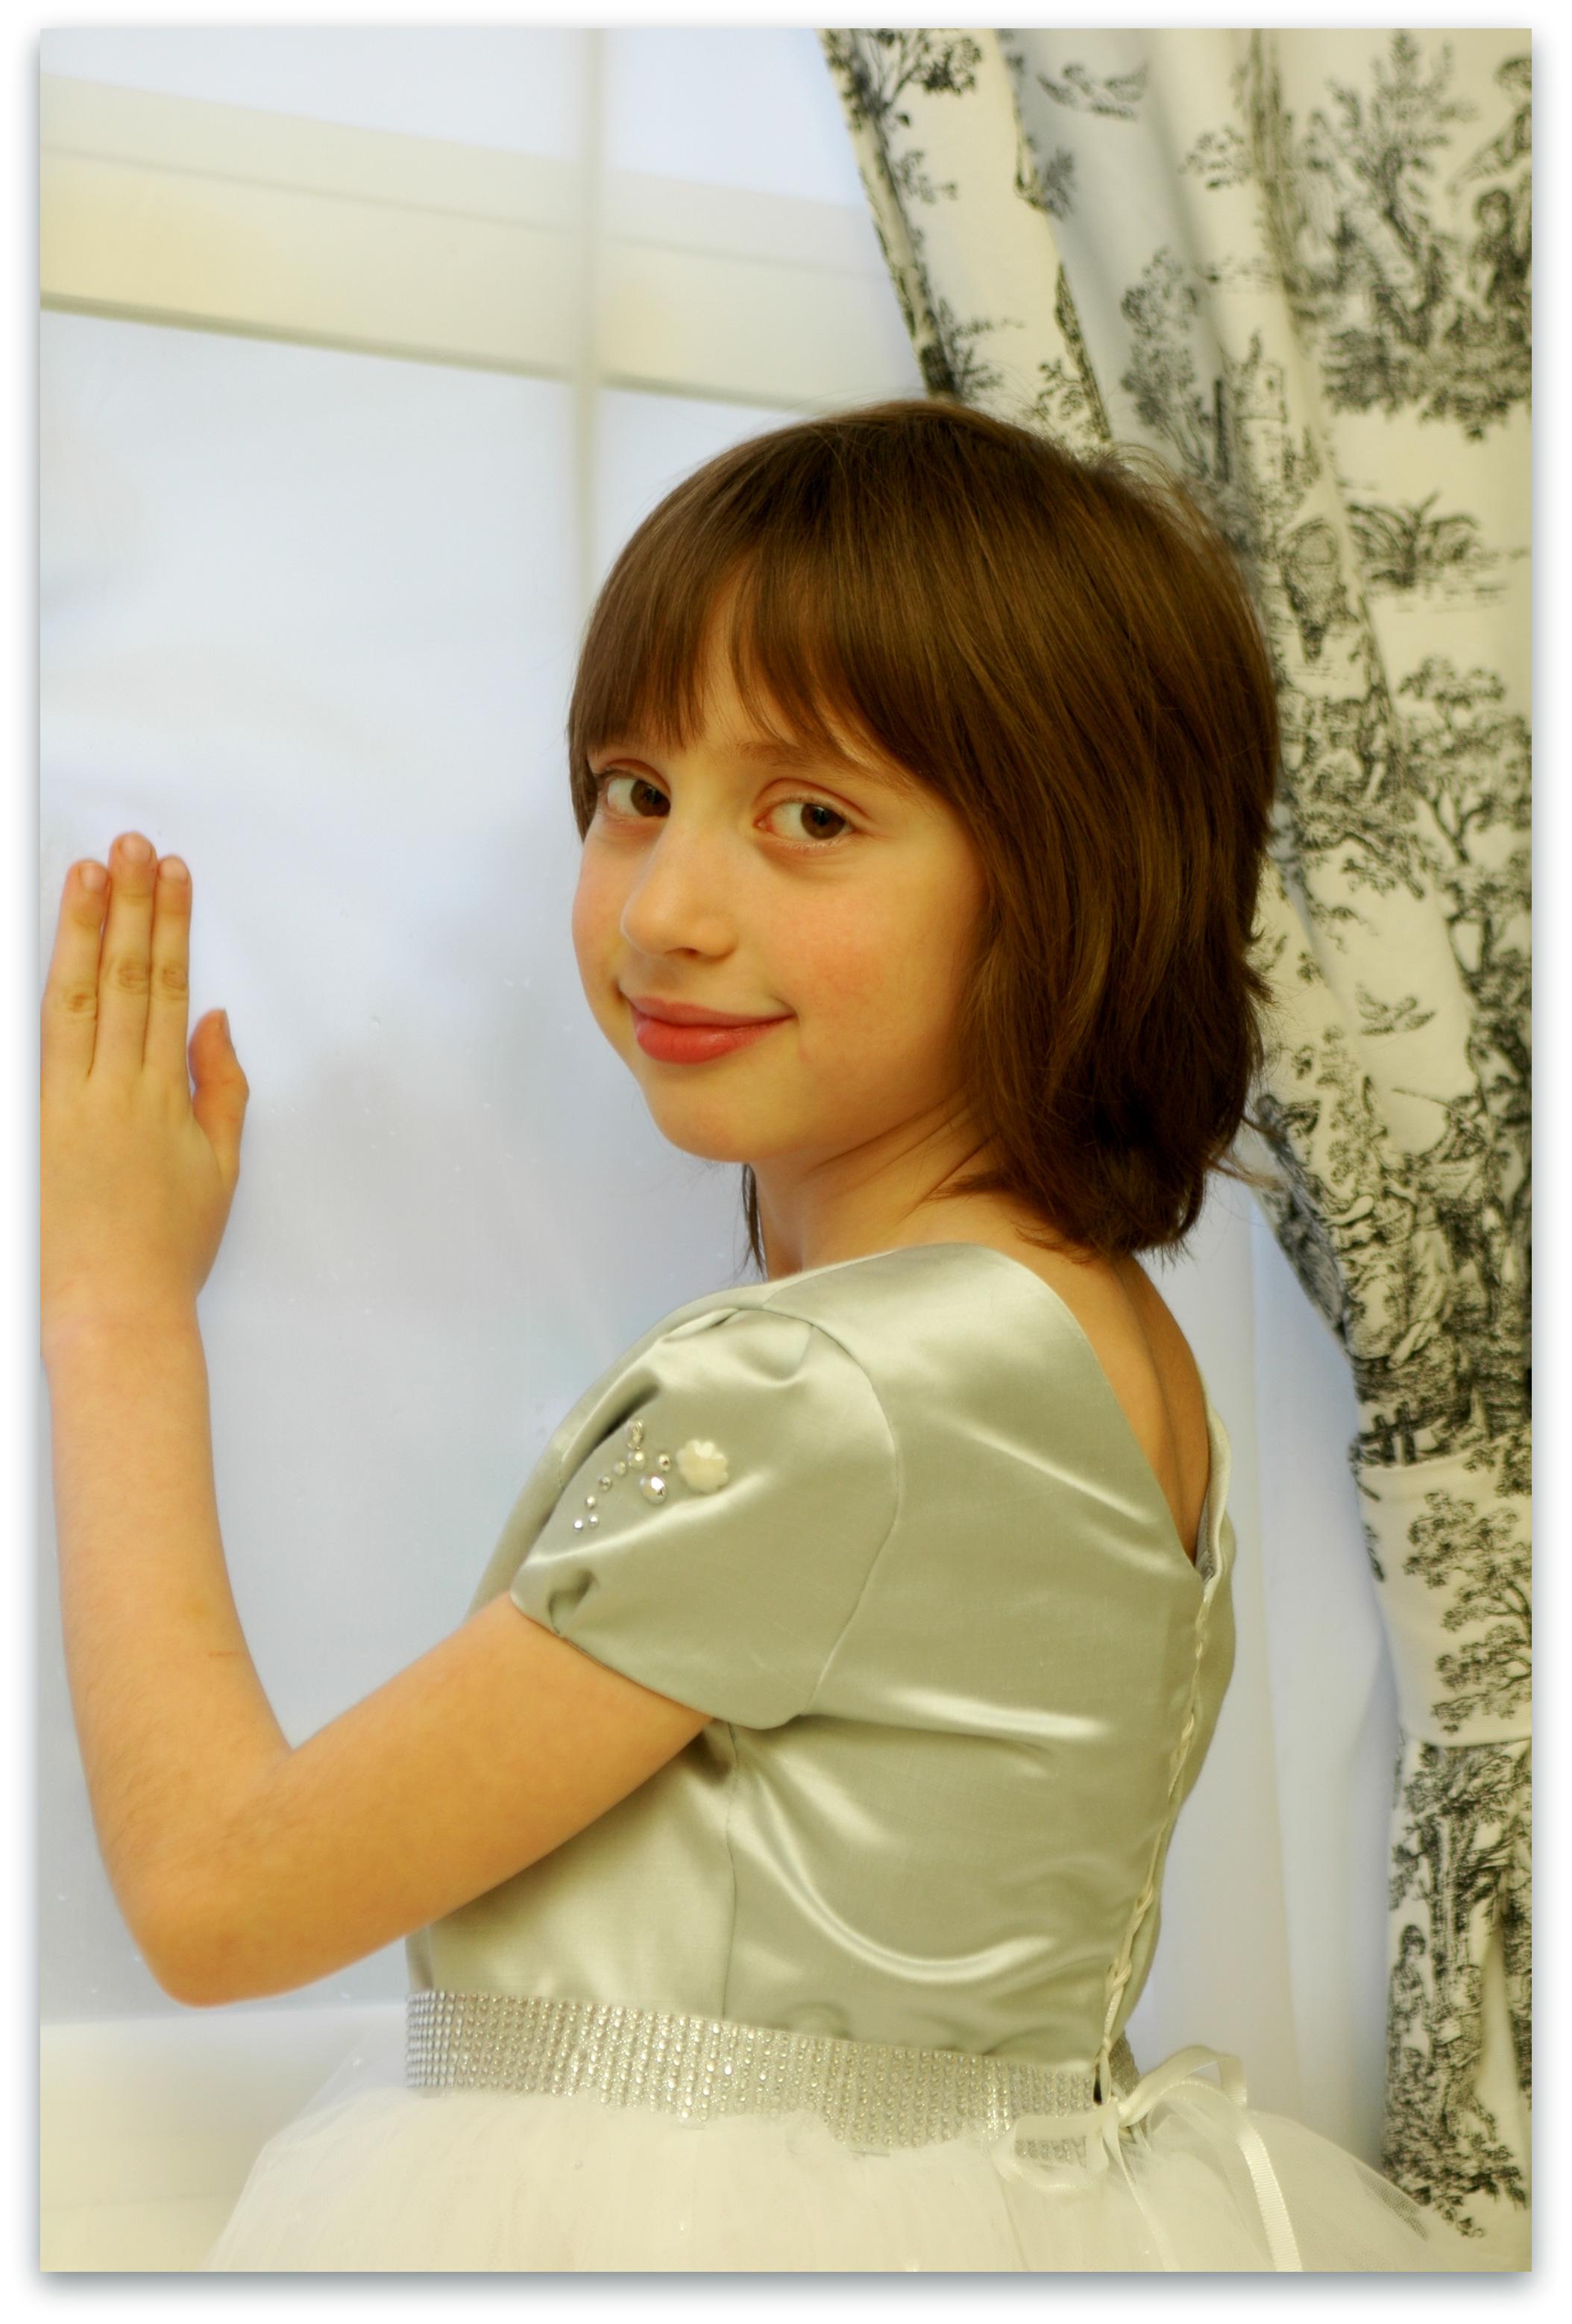 Flower girl dresses on Etsy.com